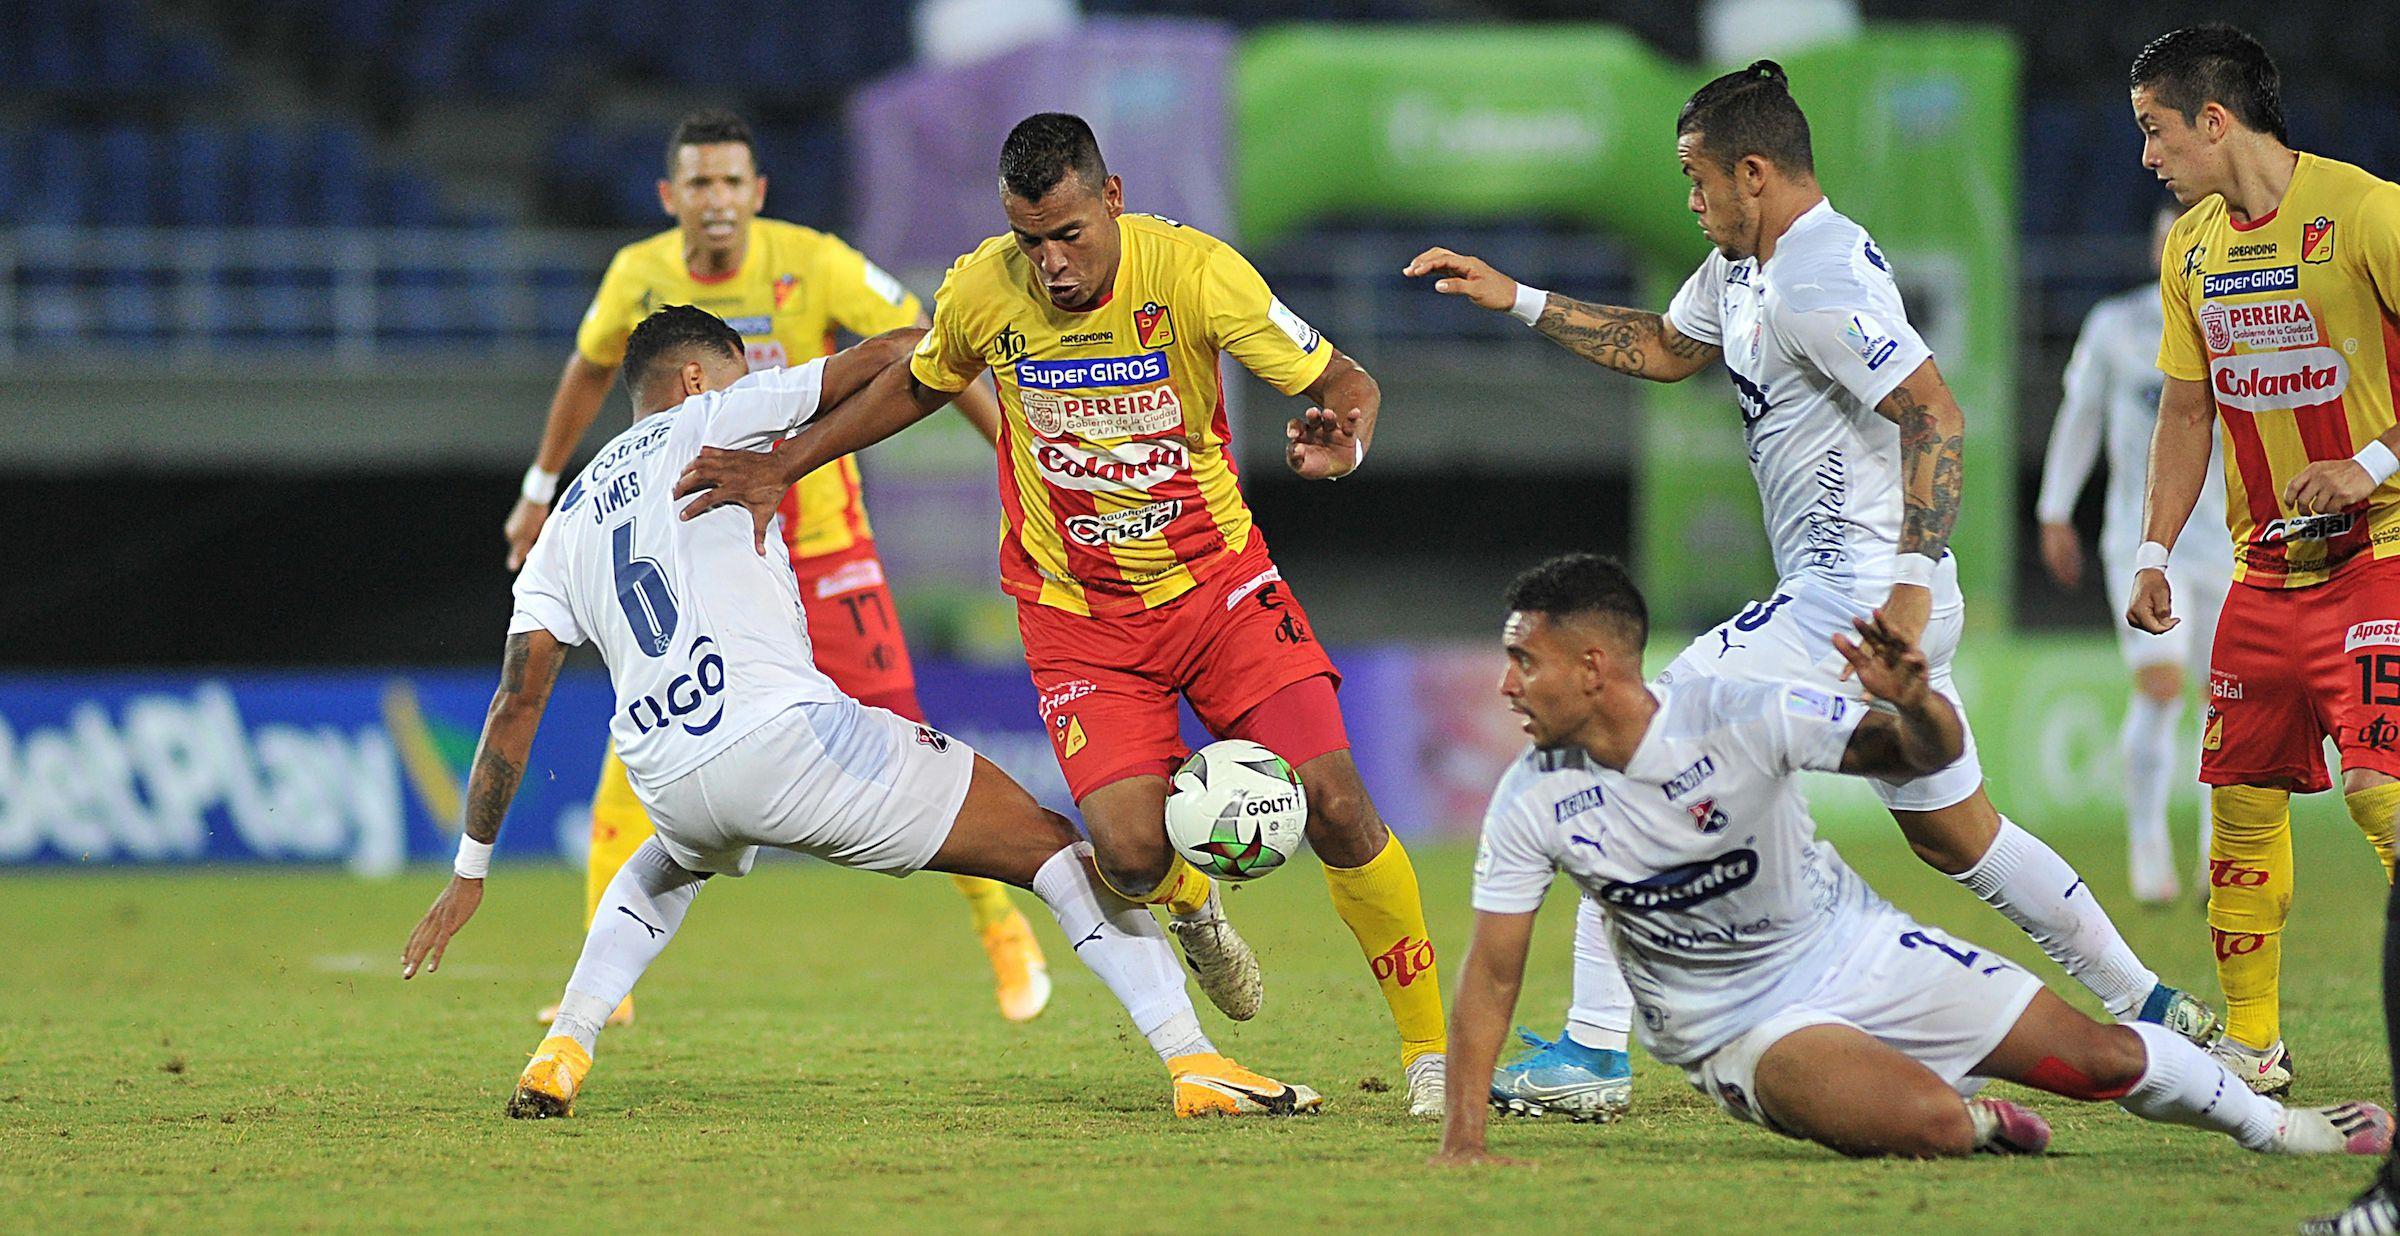 Periodista aseguró que Pereira jugó con 5 contagiados con COVID-19 ante DIM